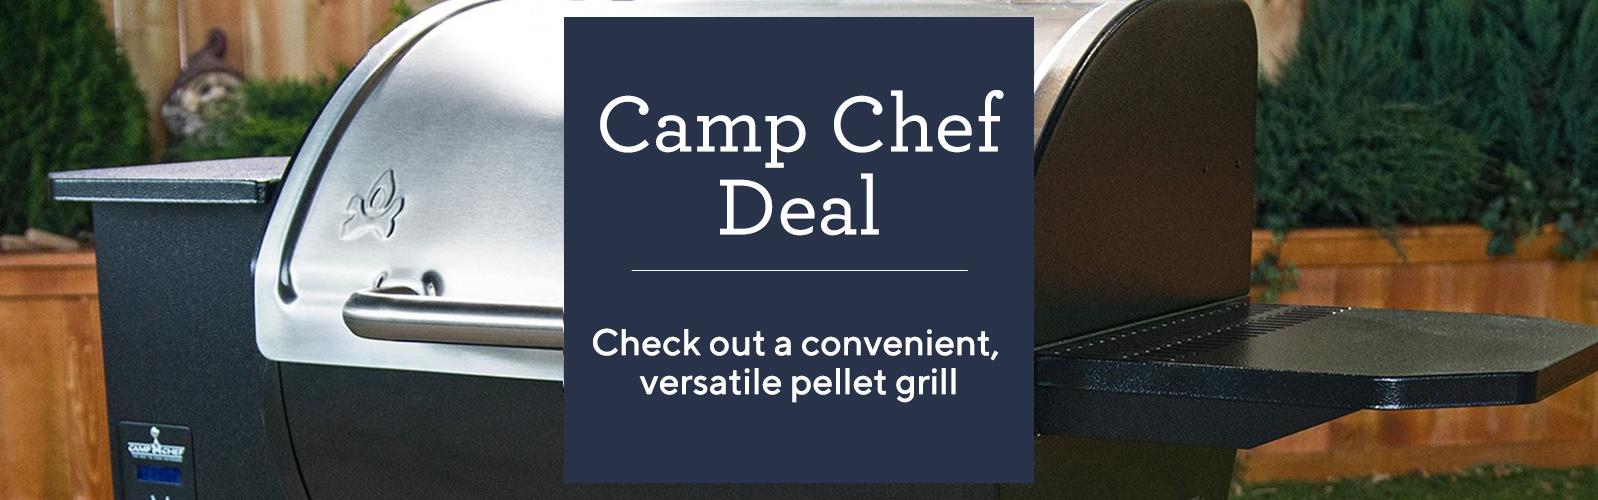 Camp Chef Deal Check out a convenient, versatile pellet grill